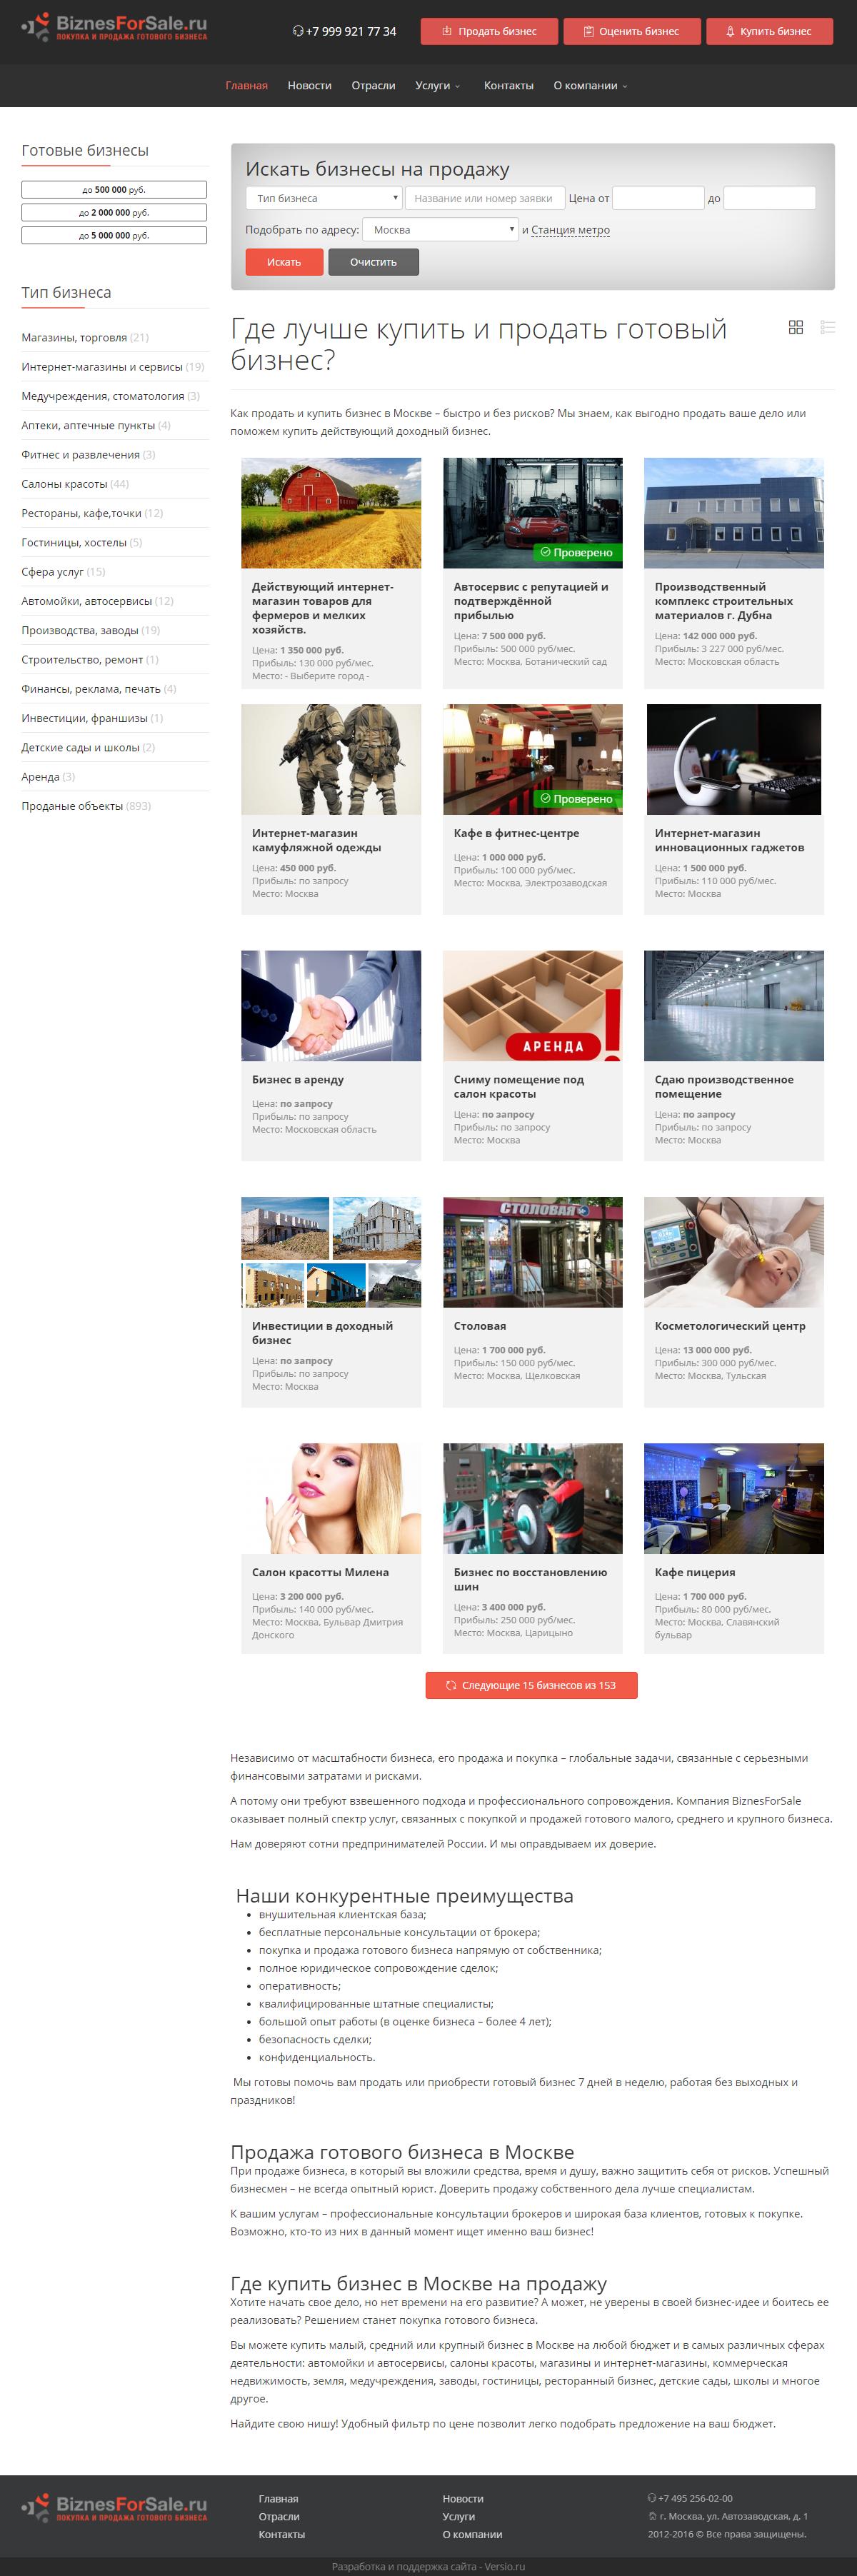 Портал покупки и продажи готового бизнеса